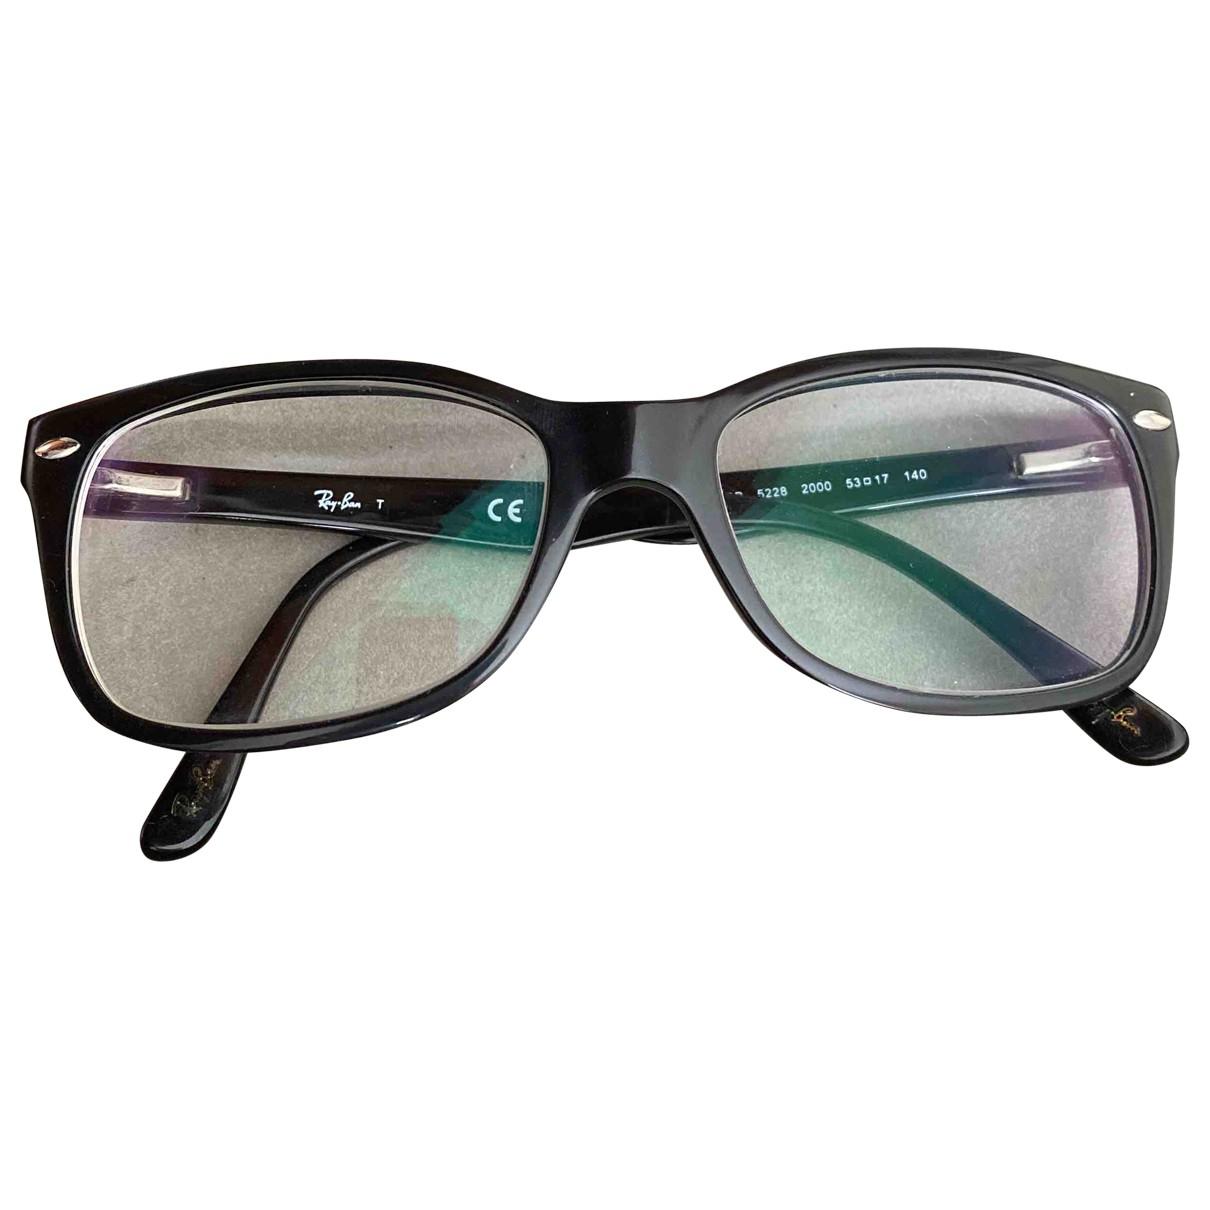 Ray-ban Original Wayfarer Black Sunglasses for Men N